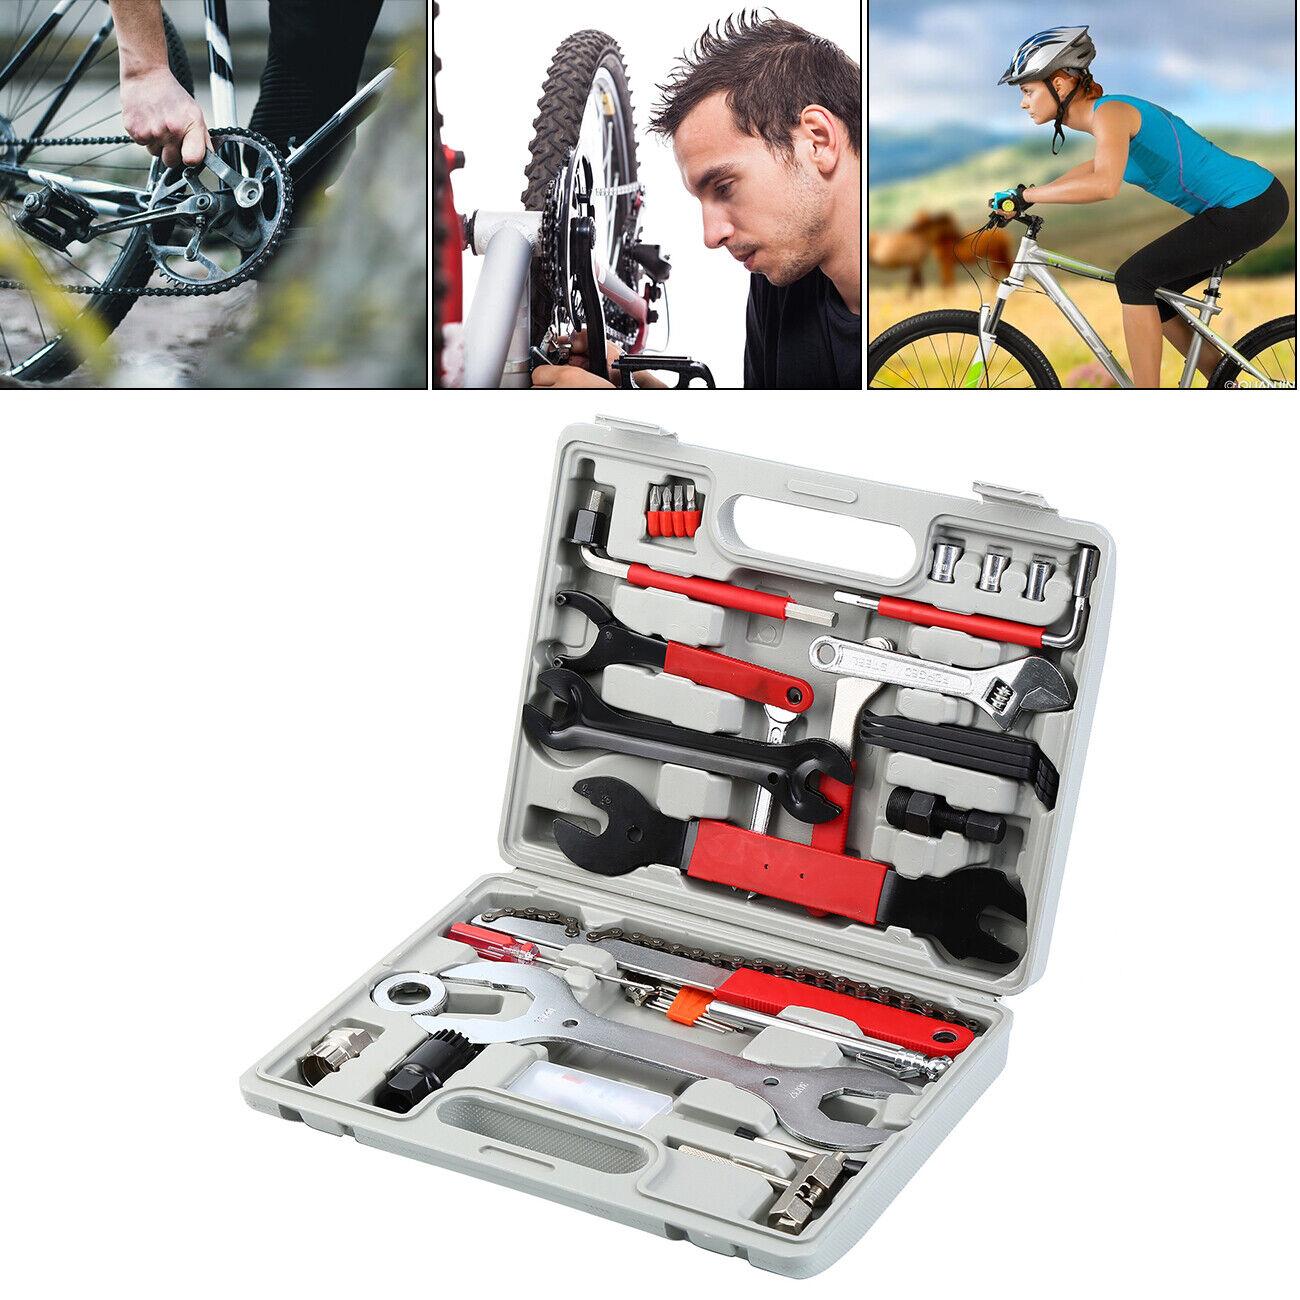 Bike Bicycle Tyre Repair Tools Multi-functional  Full Set Portable Kits